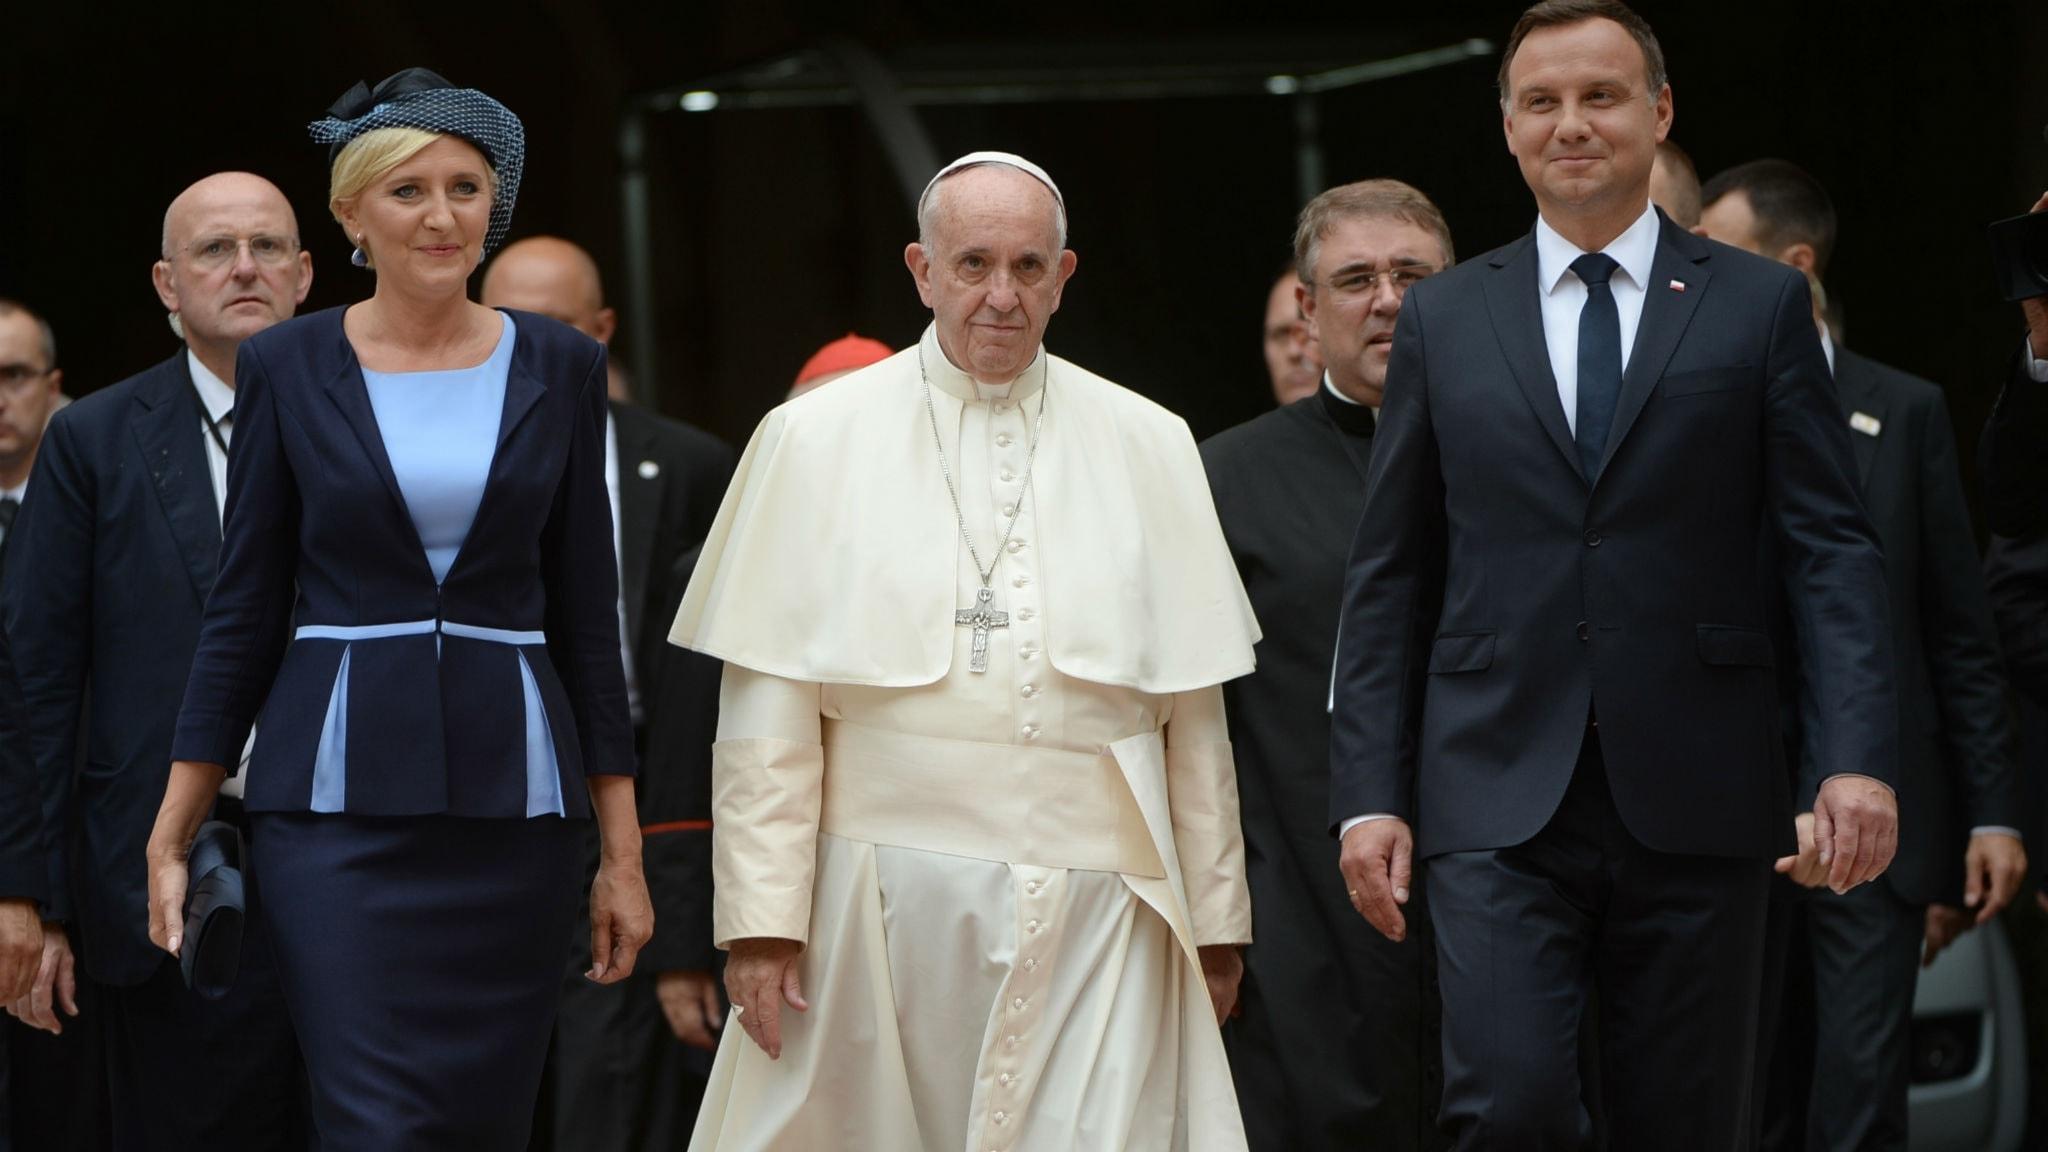 Påven och den polska politiken